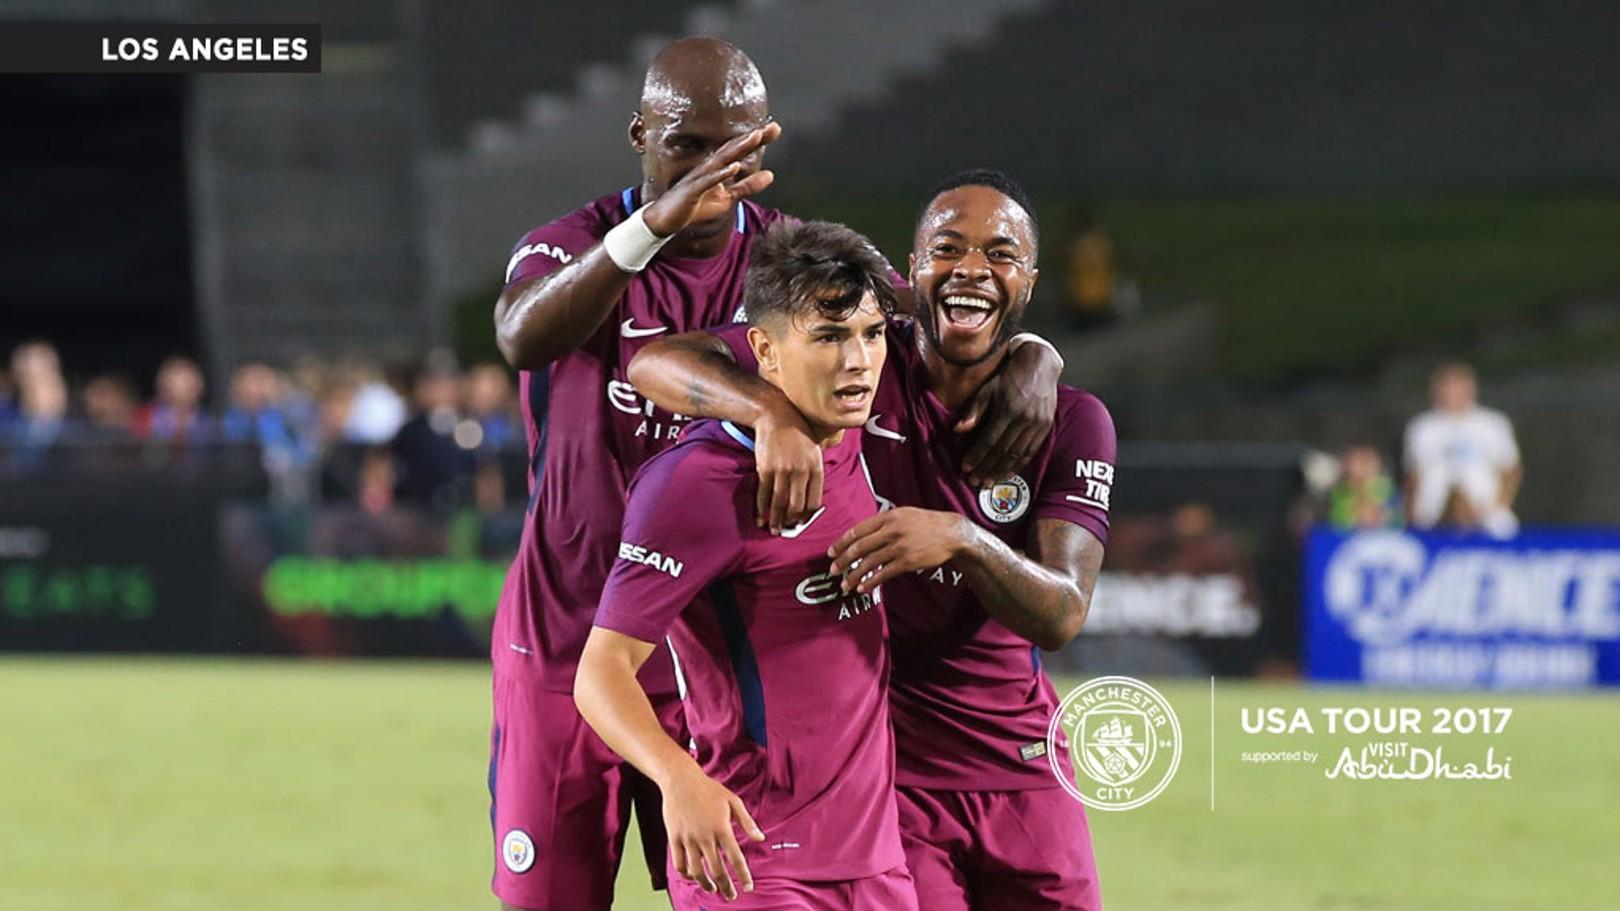 Diaz merendah soal golnya ke gawang Madrid